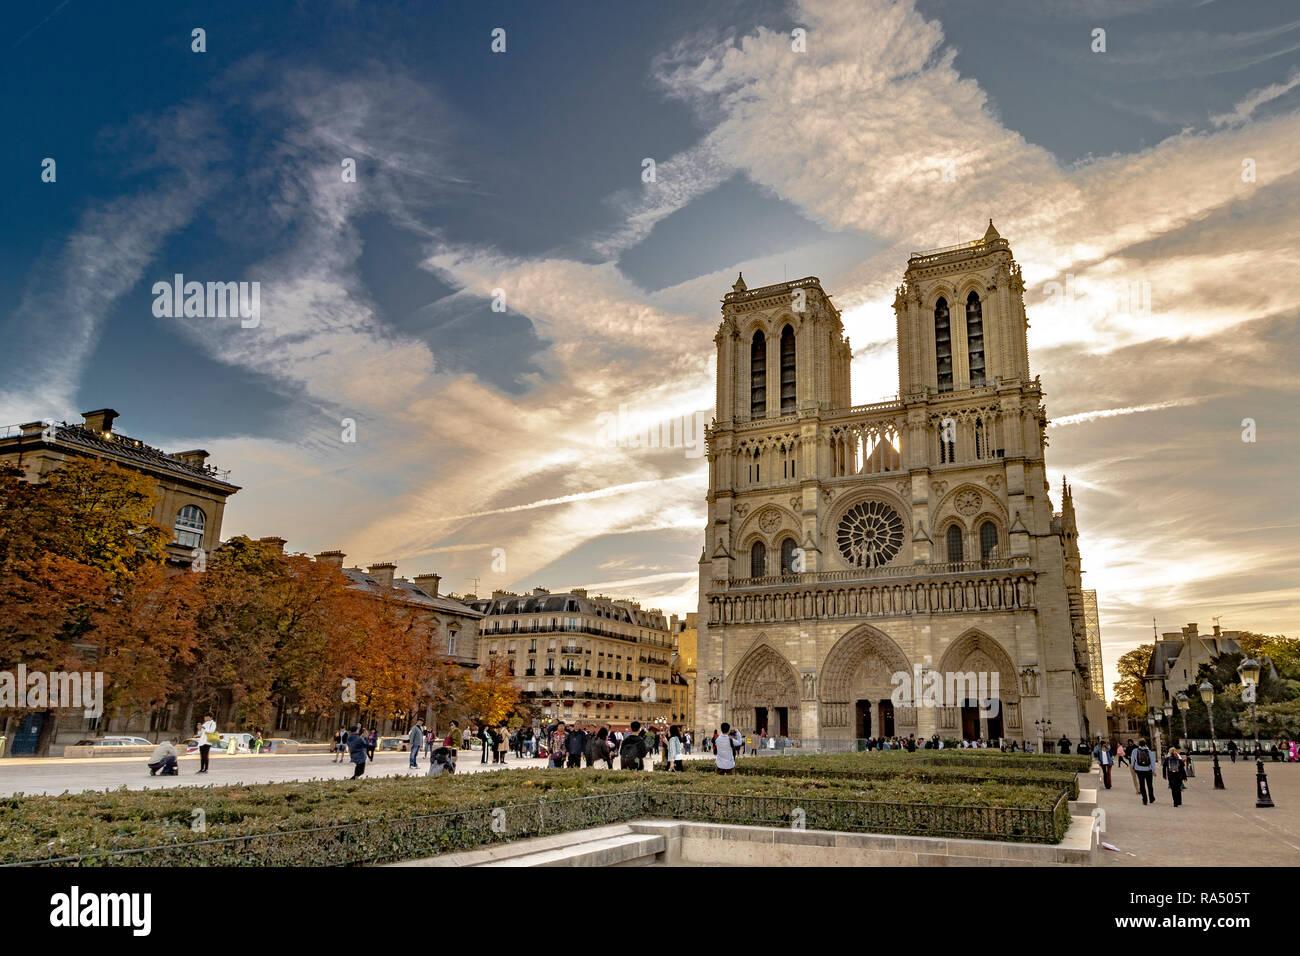 Notre-Dame de Paris also known as Notre Dame Cathedral a medieval Catholic cathedral on the Île de la Cité in the fourth arrondissement of Paris - Stock Image